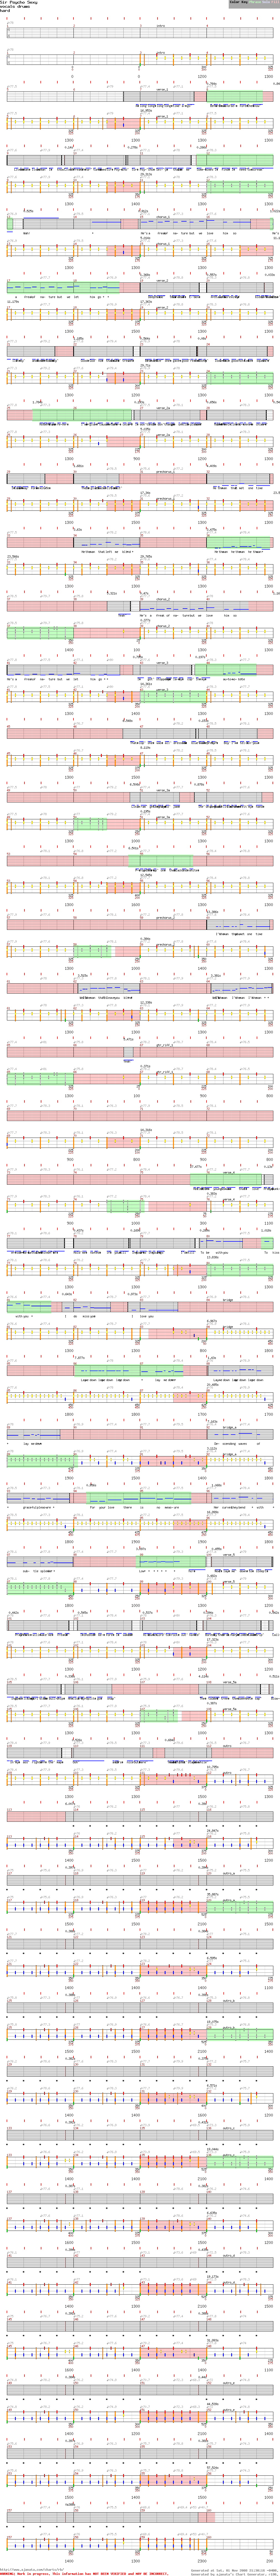 ScoreHero Wiki: Sir Psycho Sexy - RB - Drums Vocals - Hard.